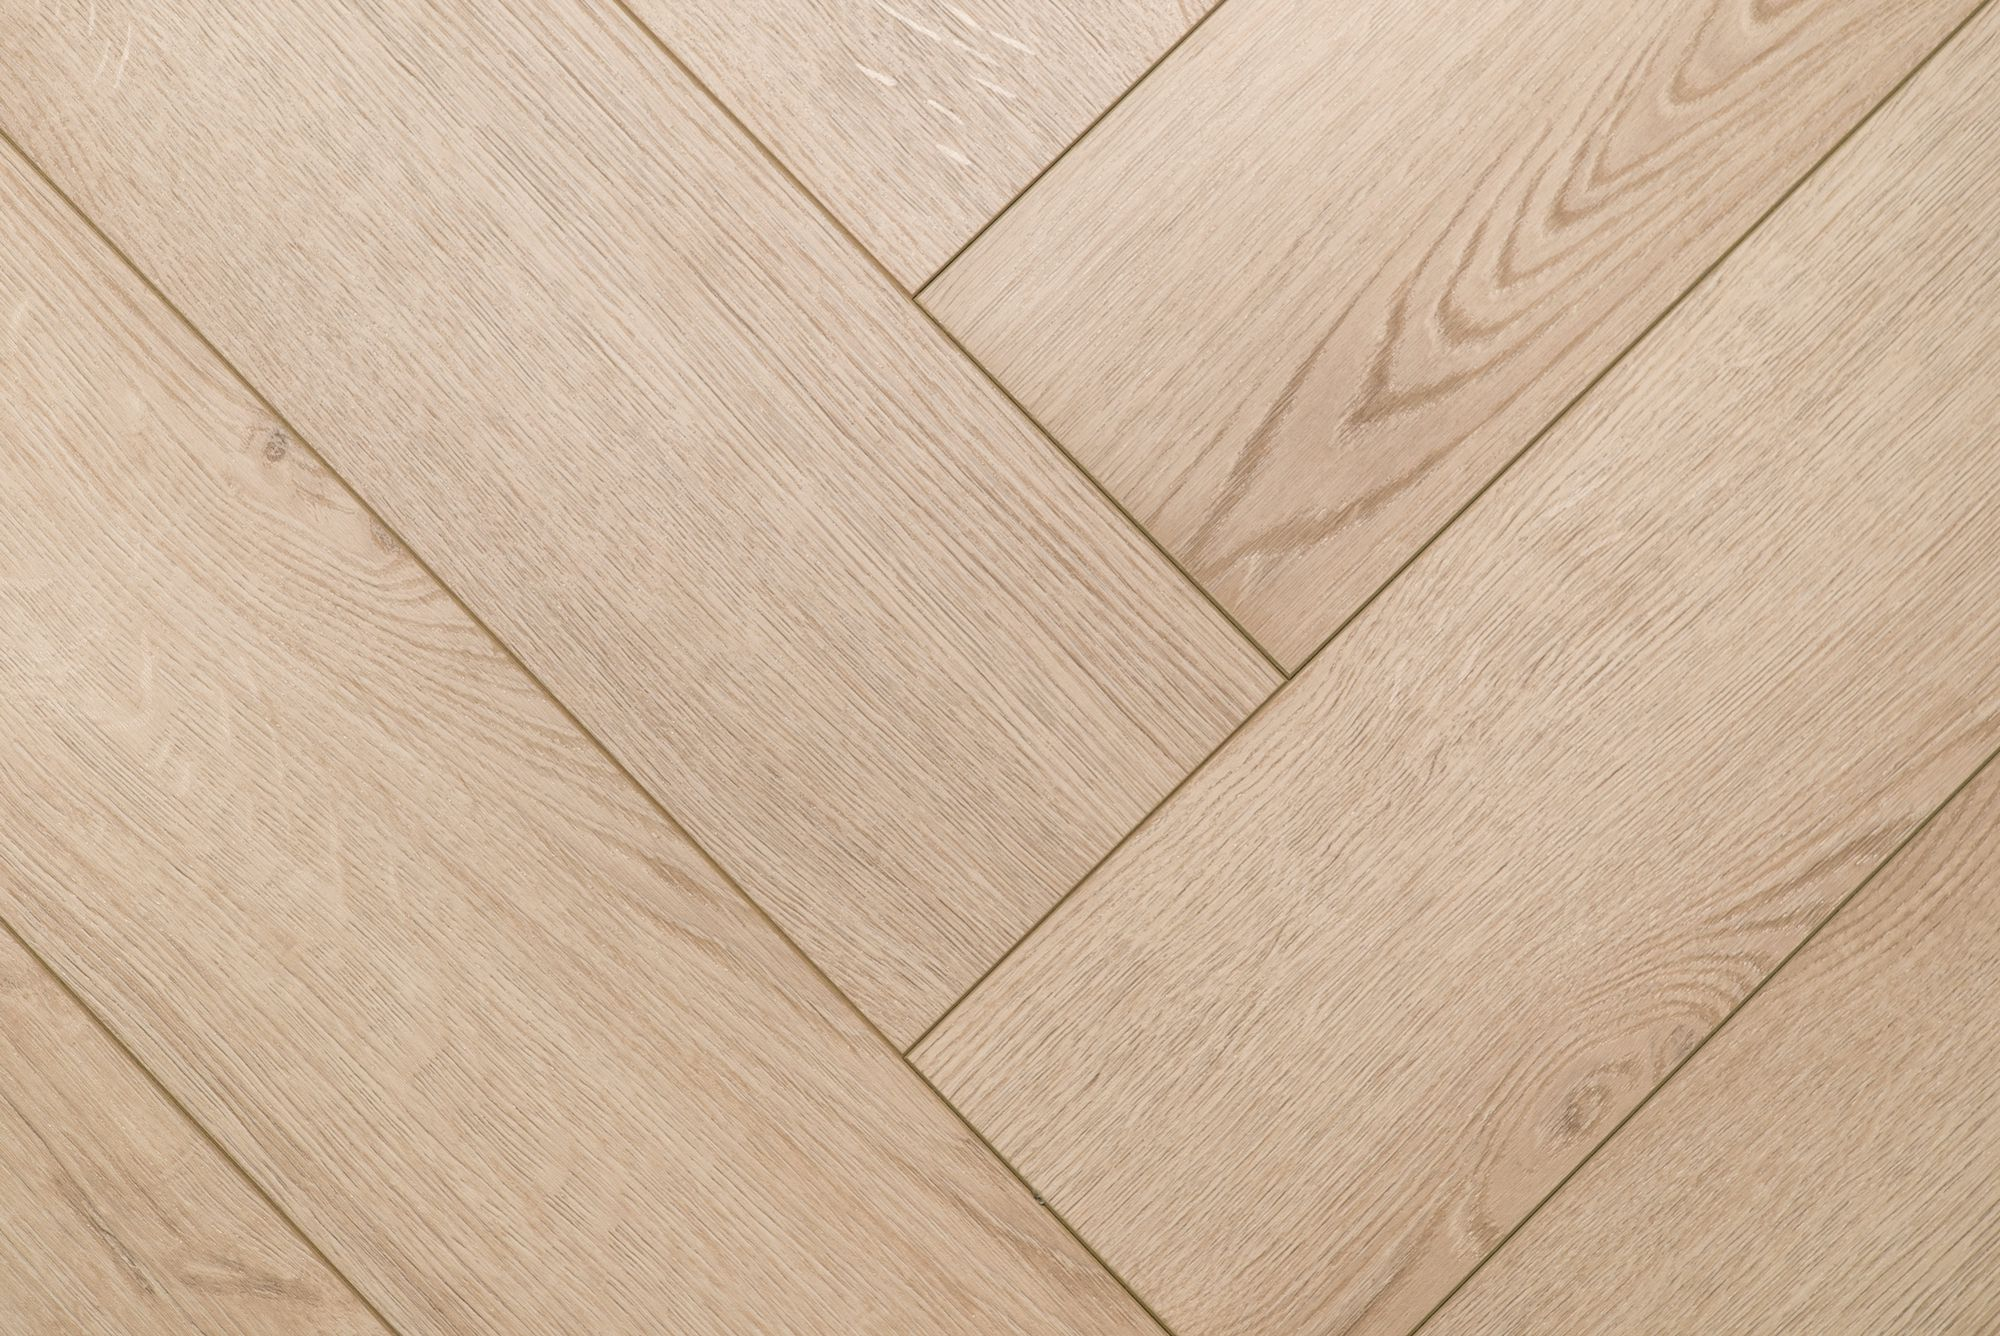 Visgraat Laminaat Leggen : Visgraat laminaat leggen. vloeren laten leggen with visgraat